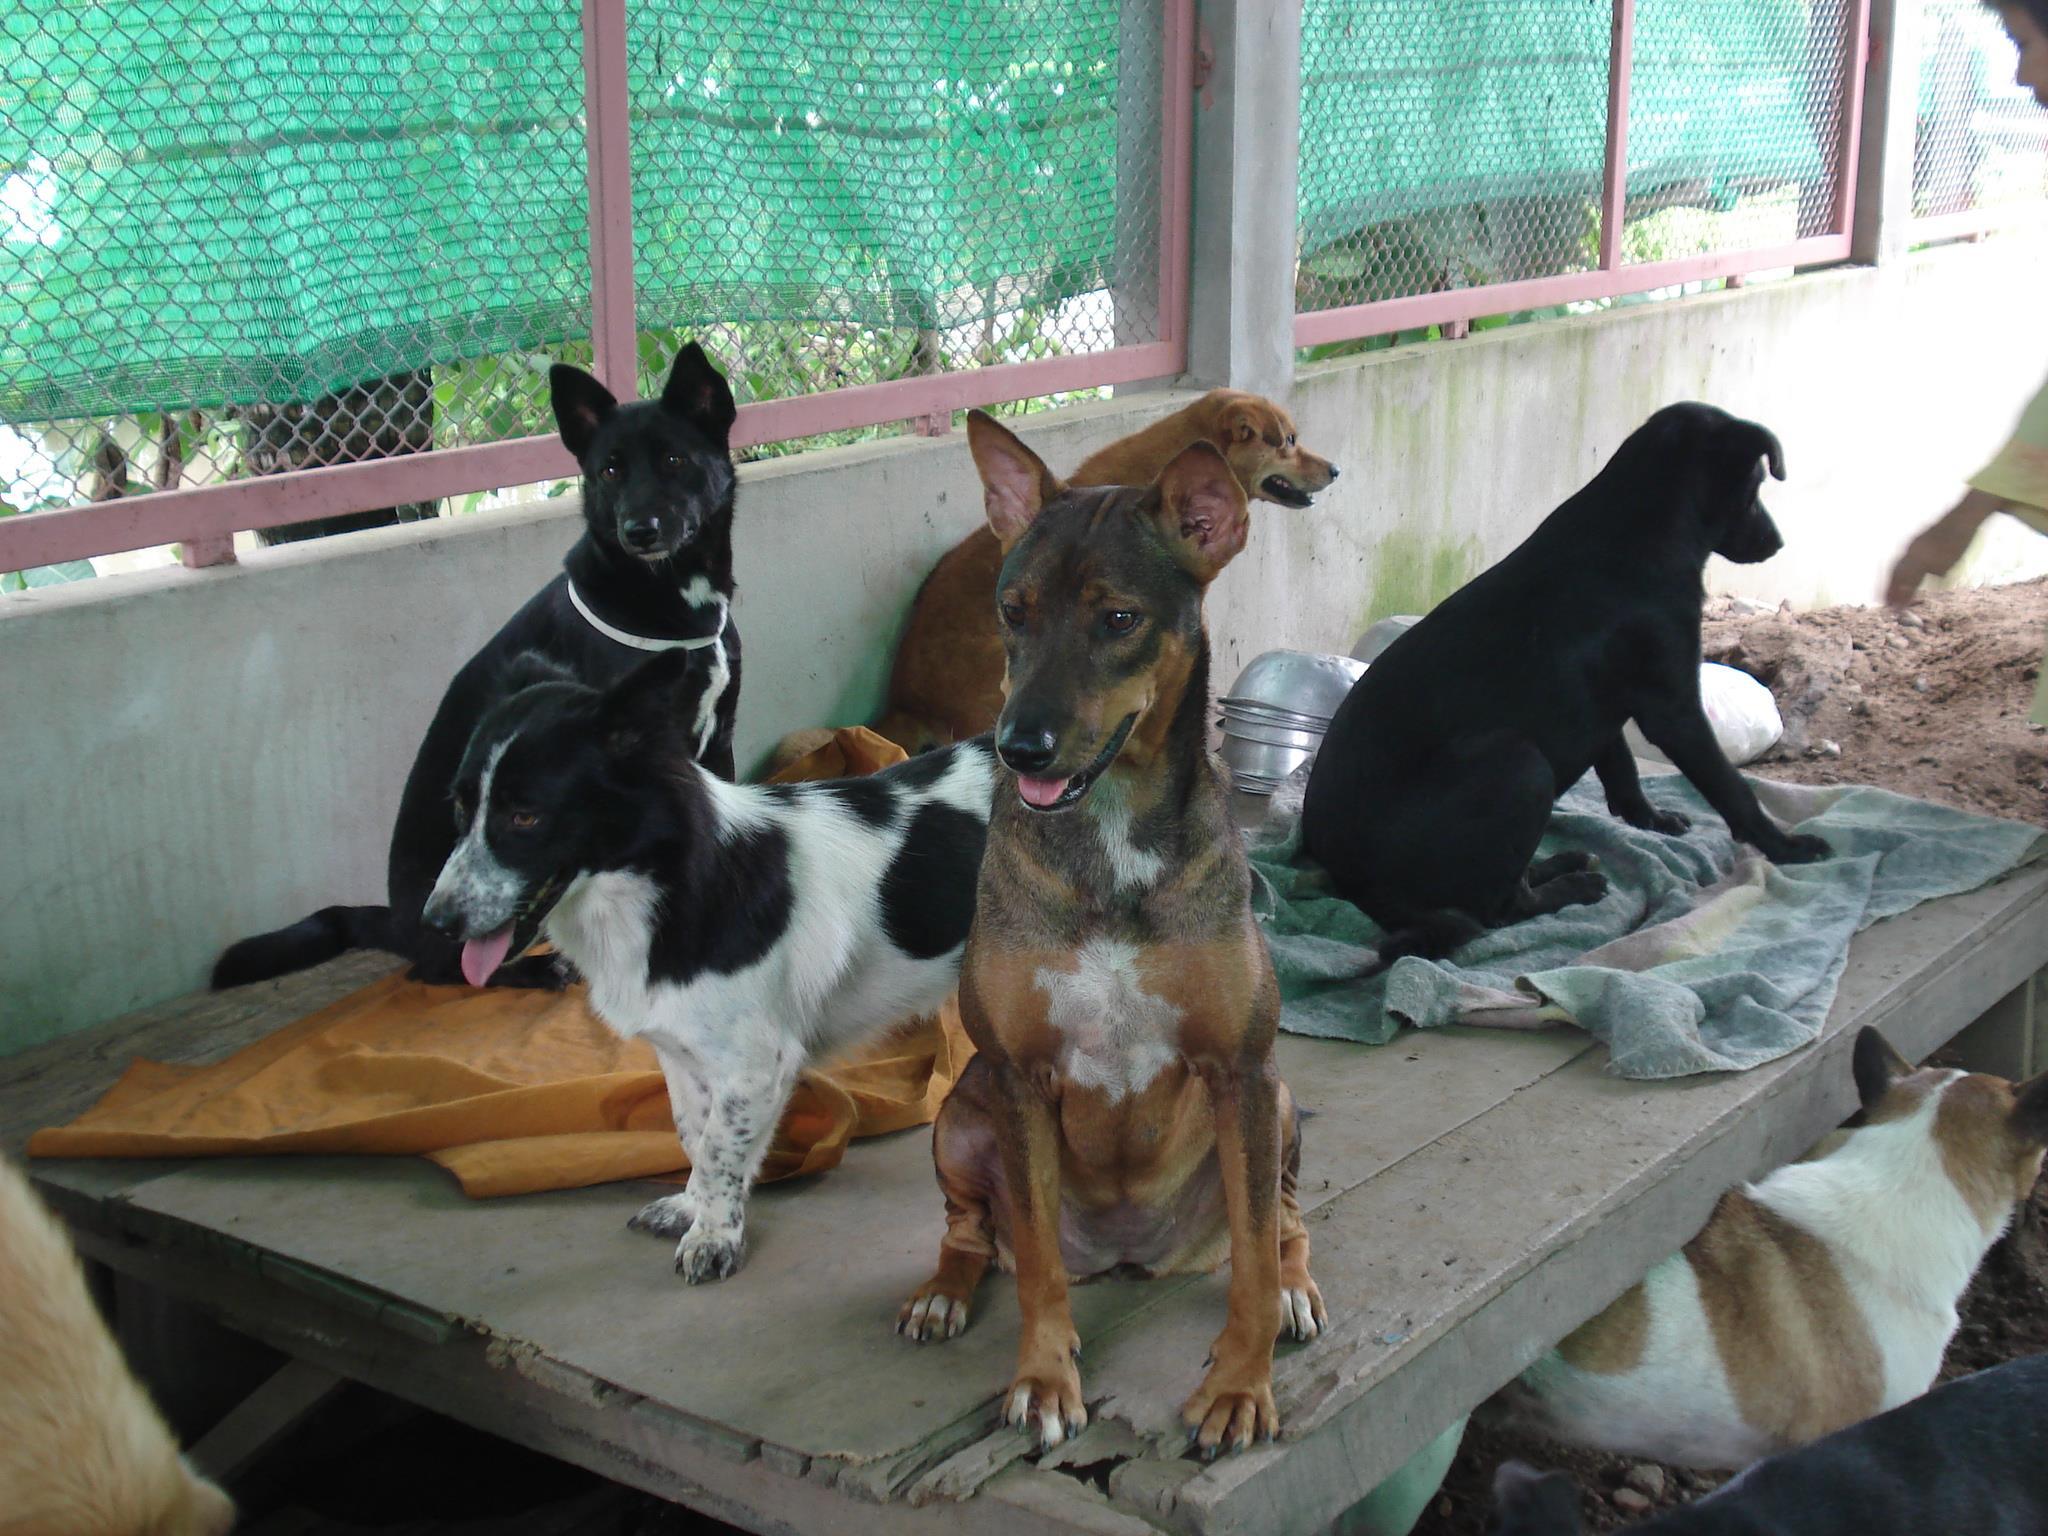 Santisook Dog and Cat Rescue Vegan Traveler Reviews Vegan Travel